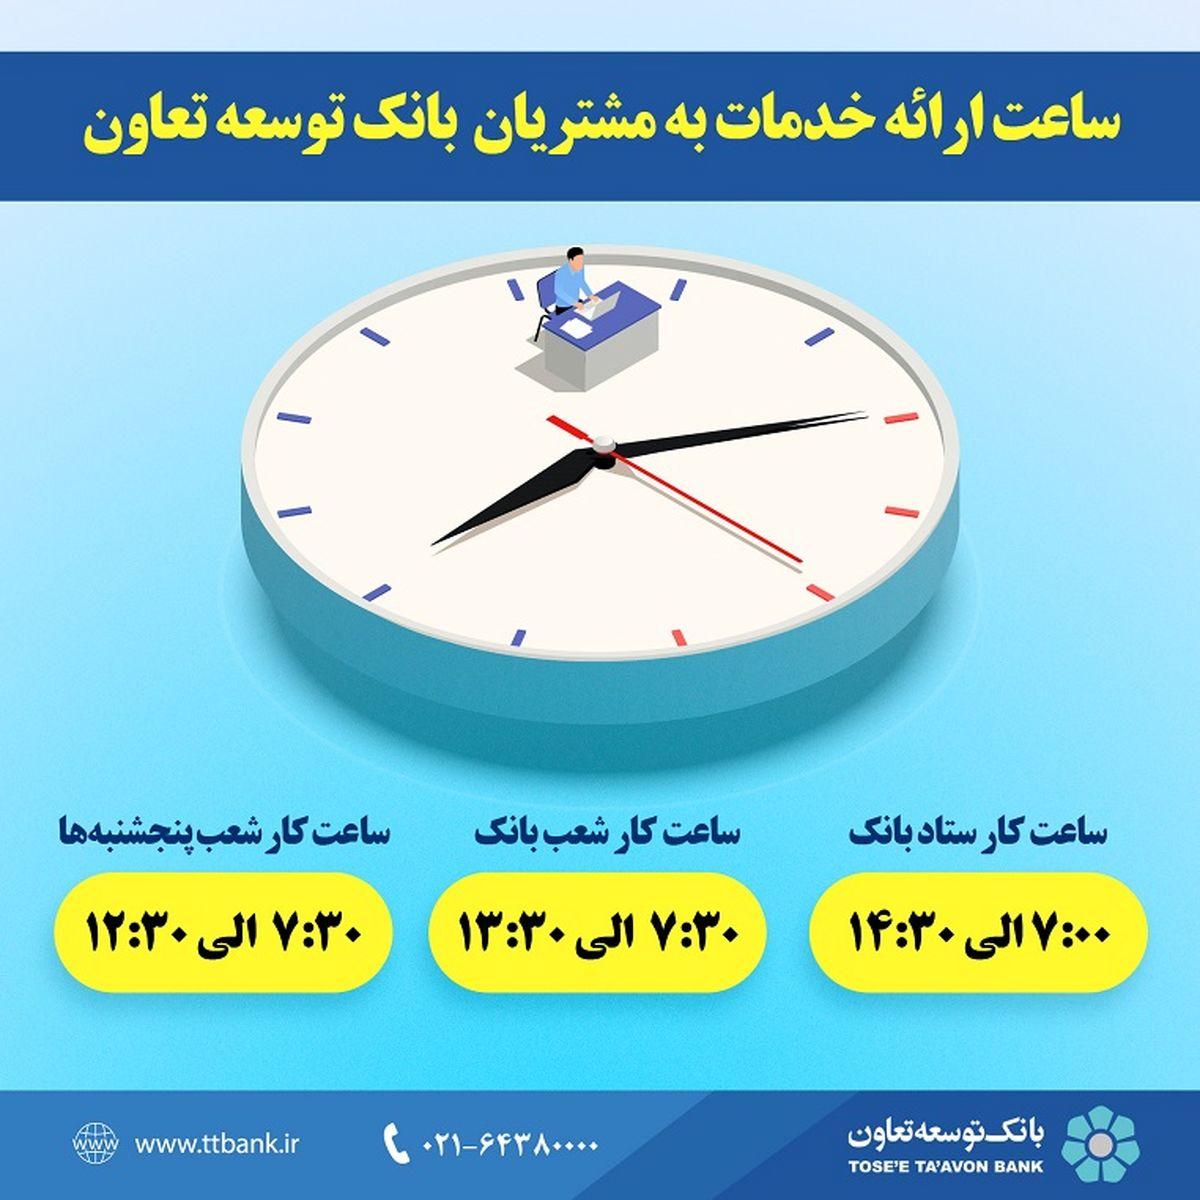 اعلام ساعت ارائه خدمات به مشتریان بانک توسعه تعاون